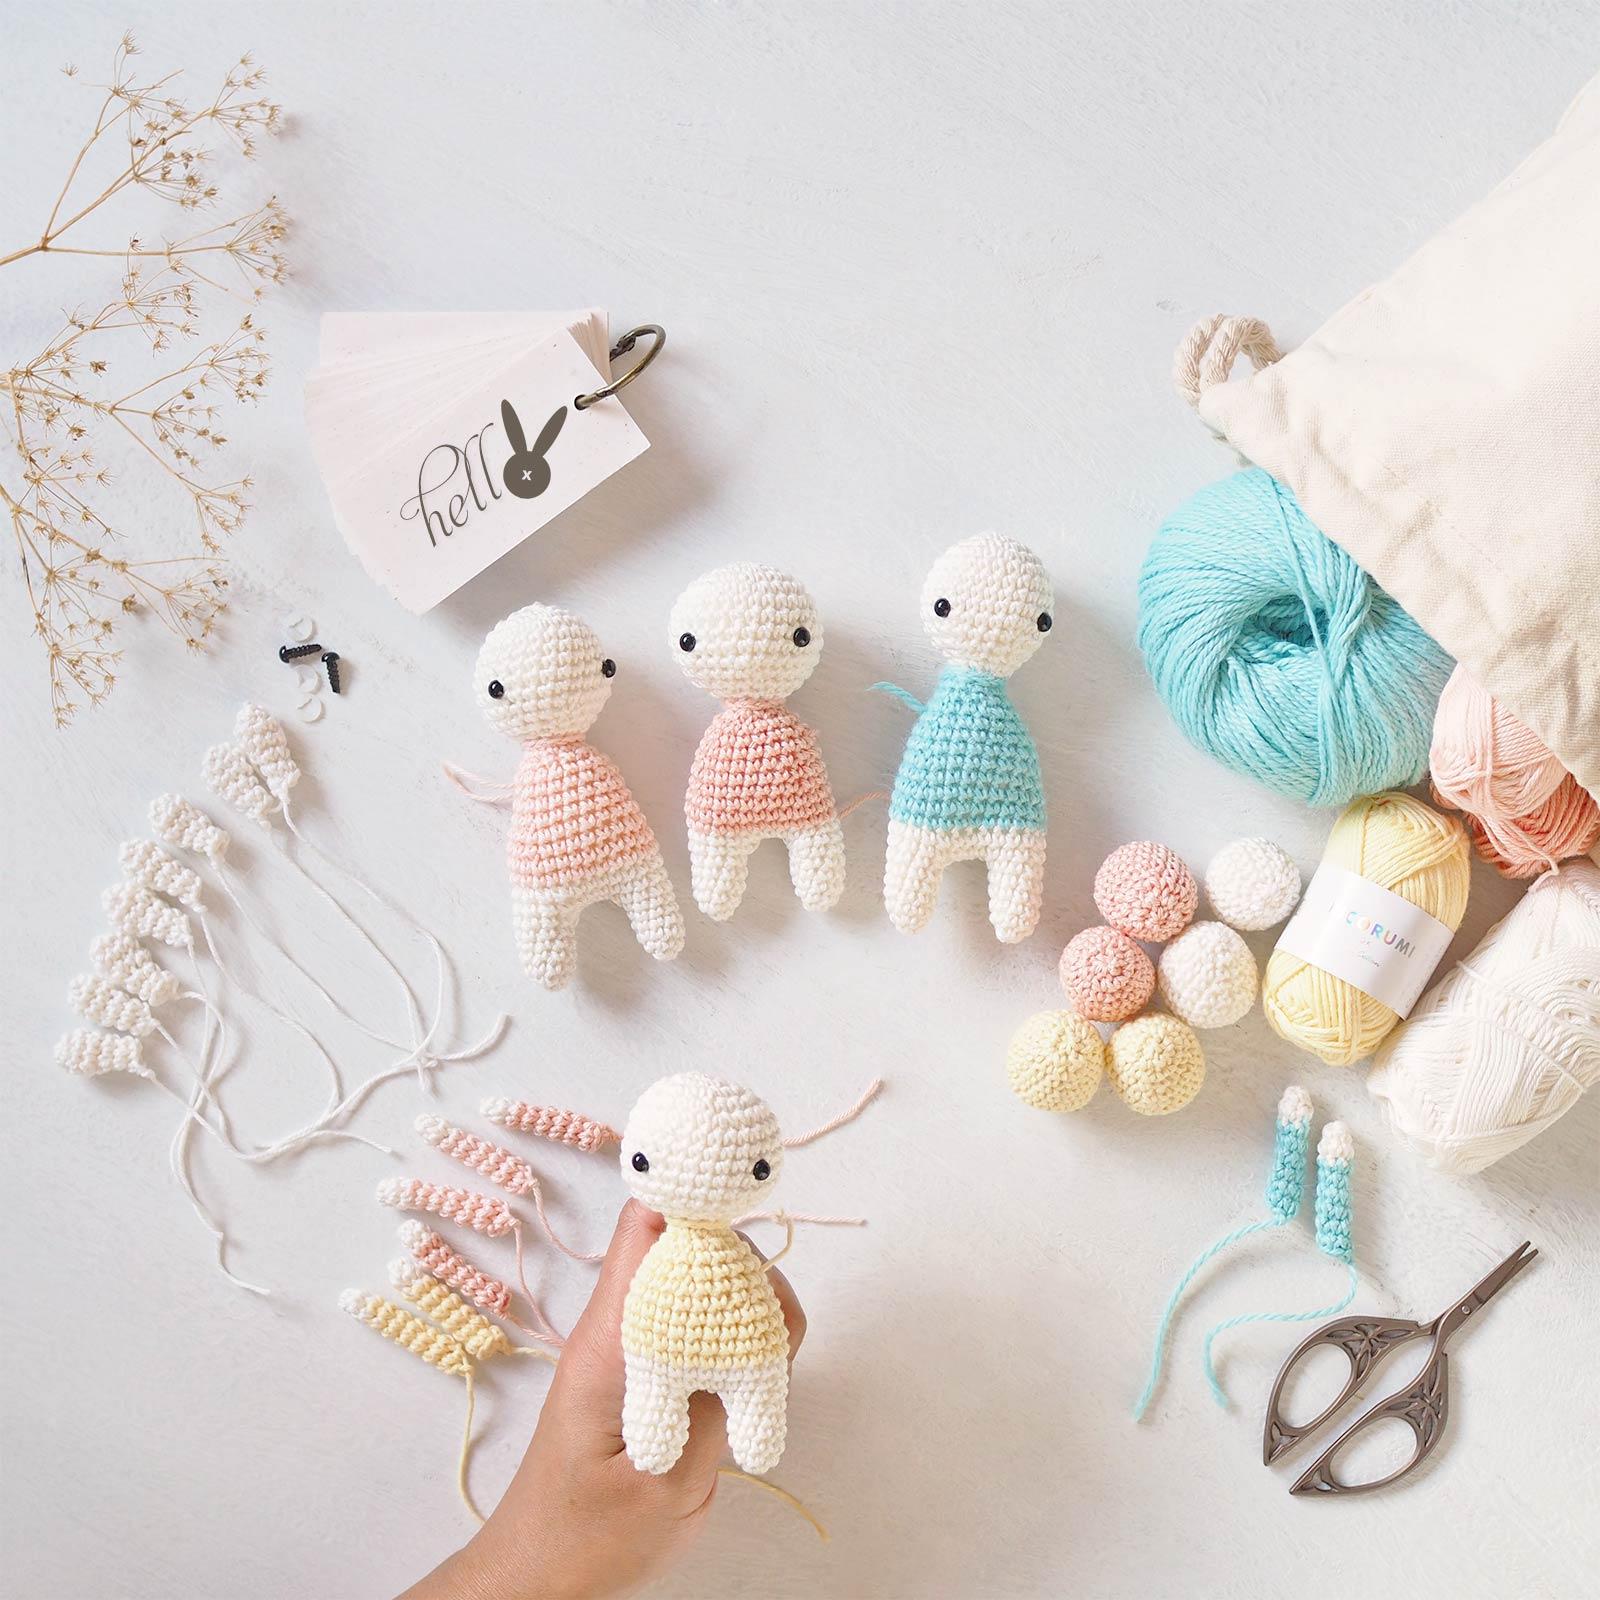 encours mini lapins oeufs crochet printemps Pâques laboutiquedemelimelo